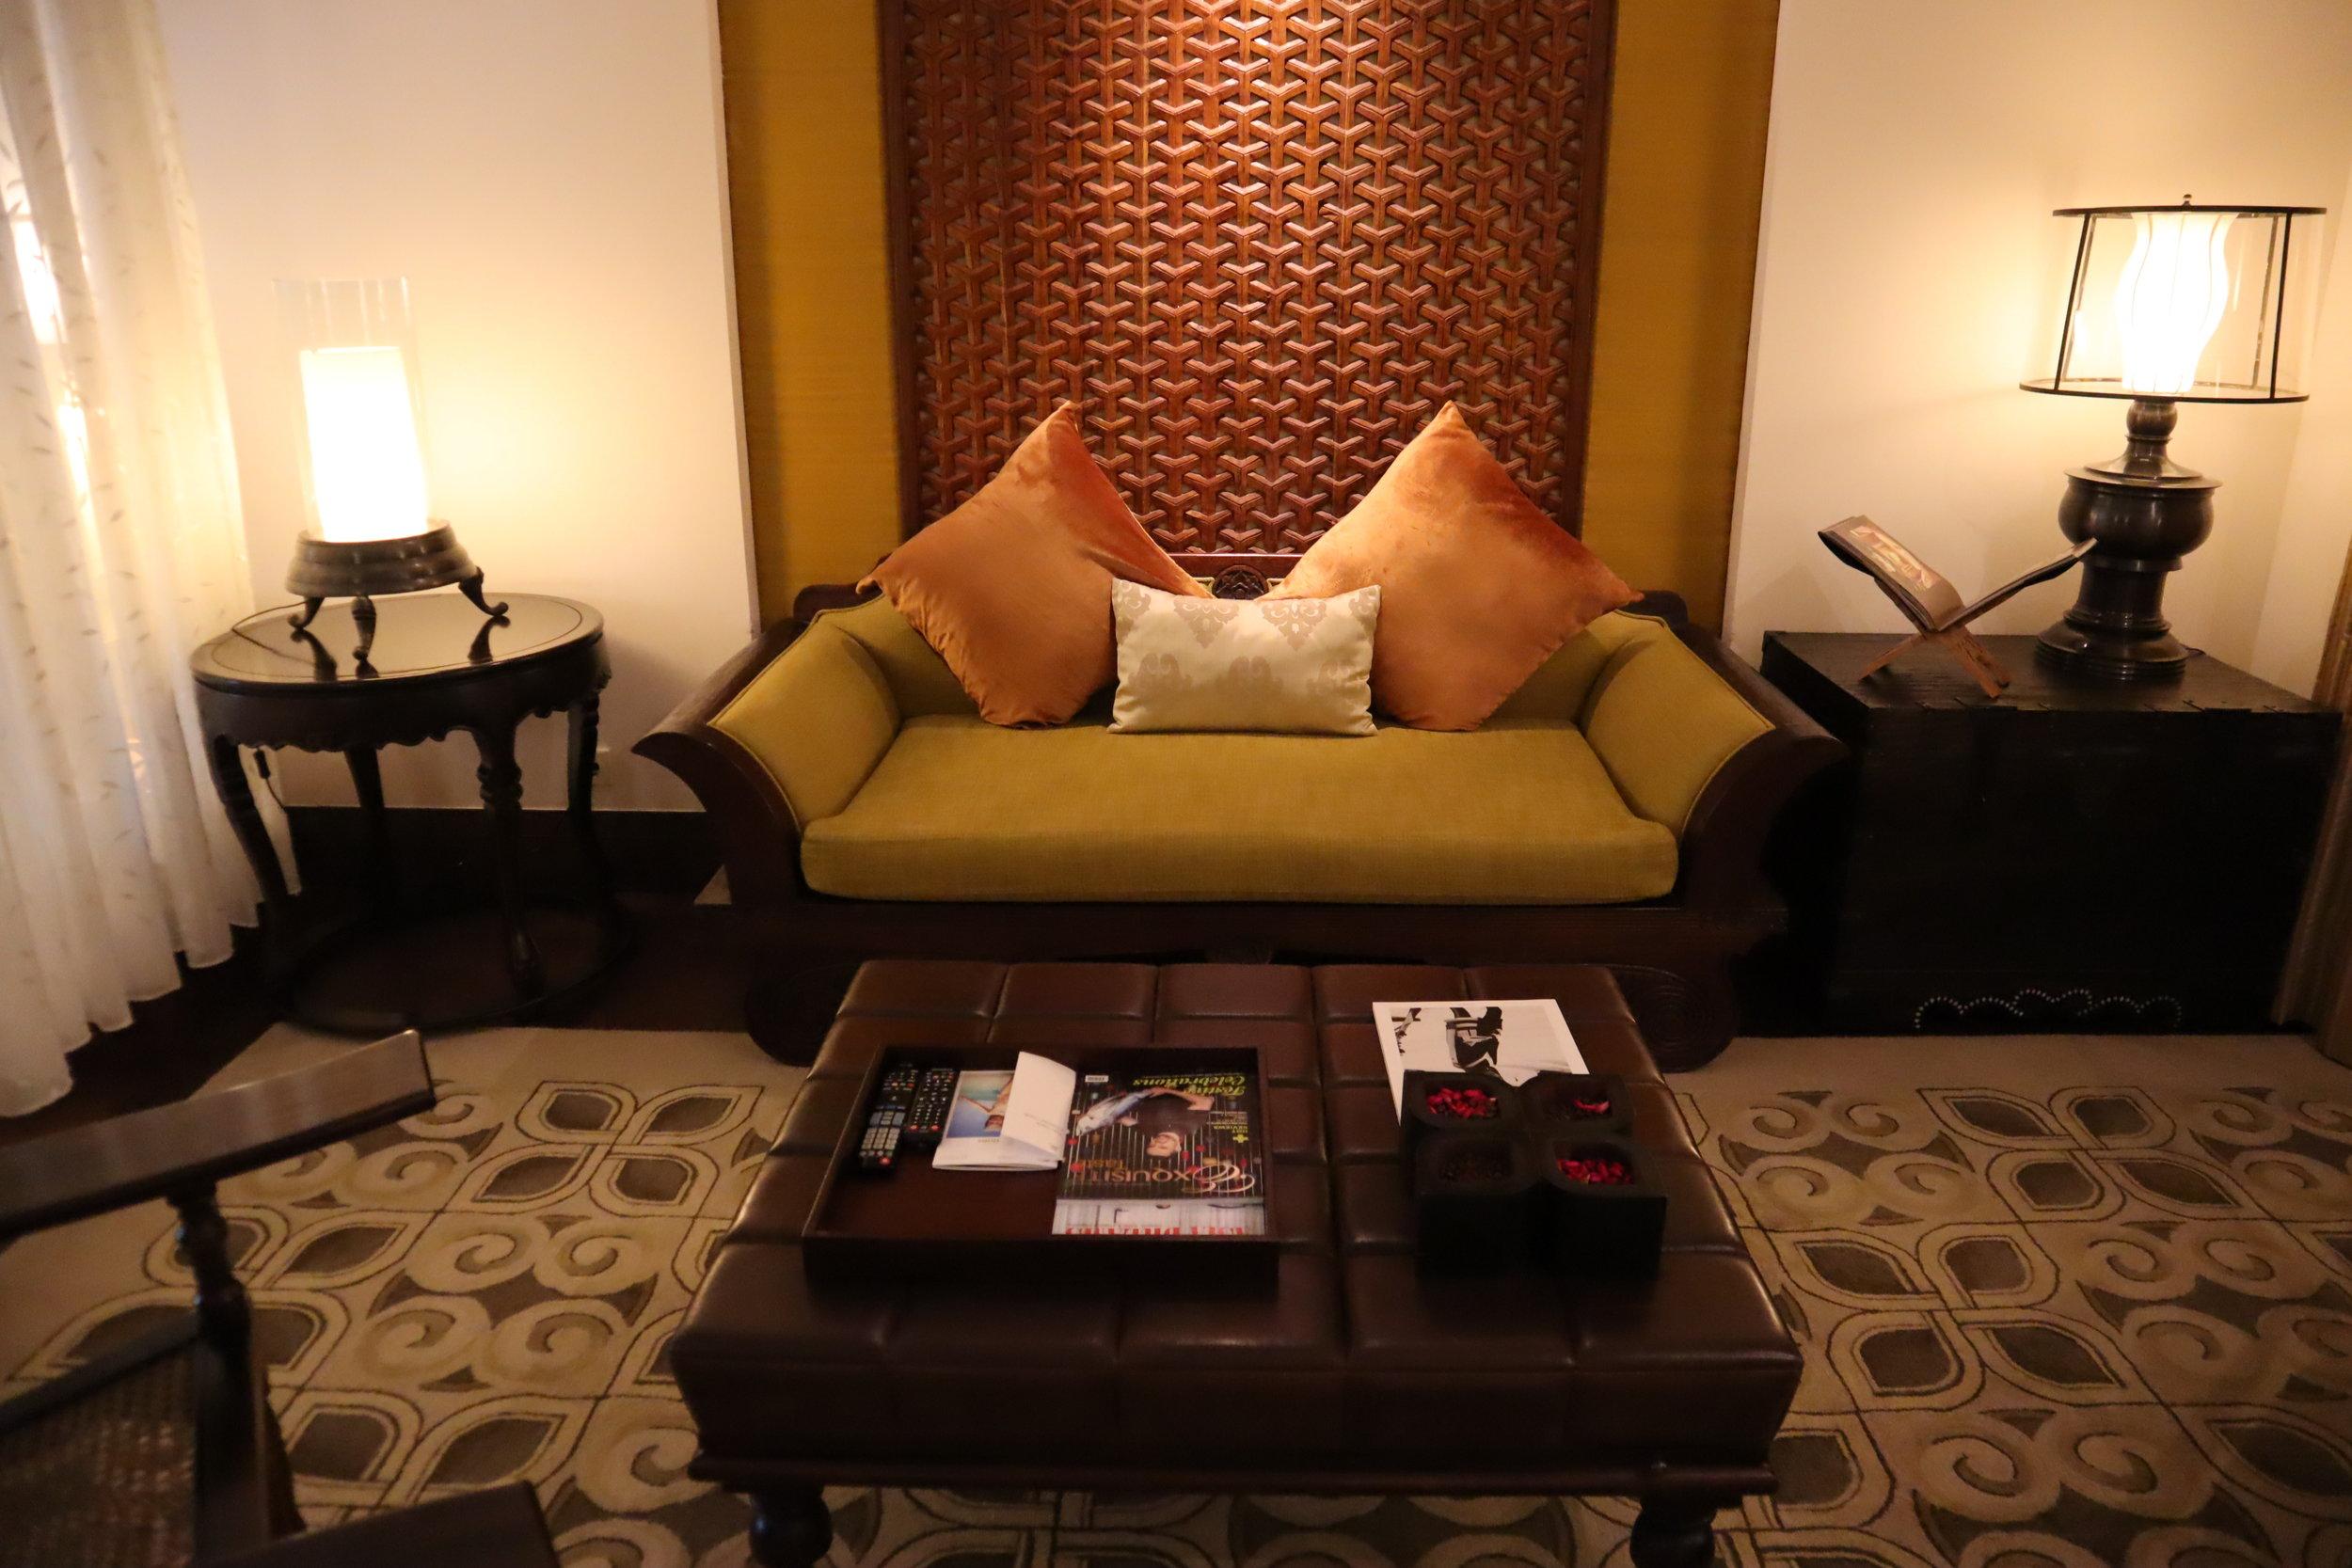 St. Regis Bali – St. Regis Pool Suite living room